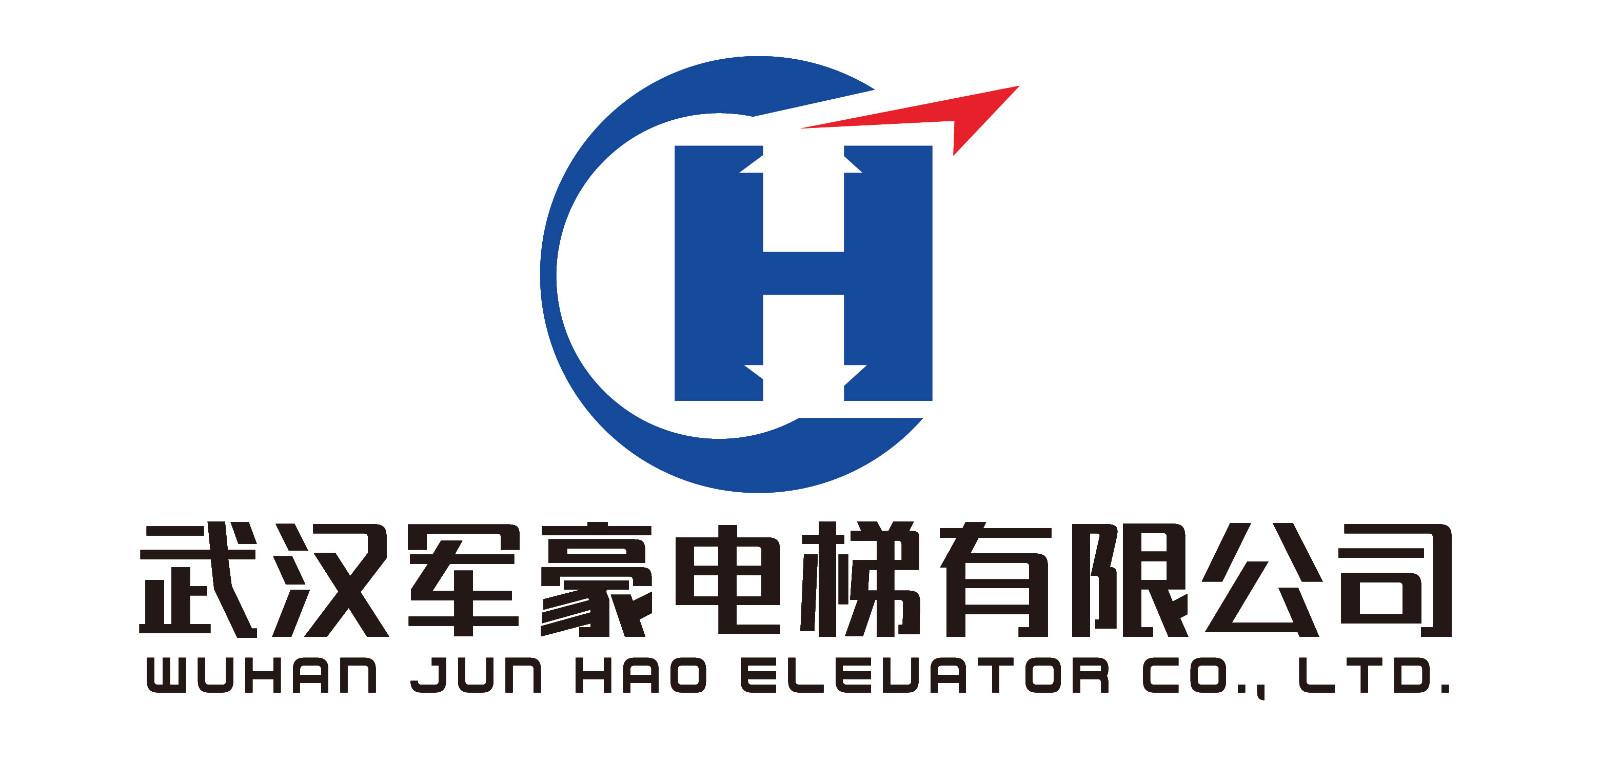 武汉军豪电梯有限公司